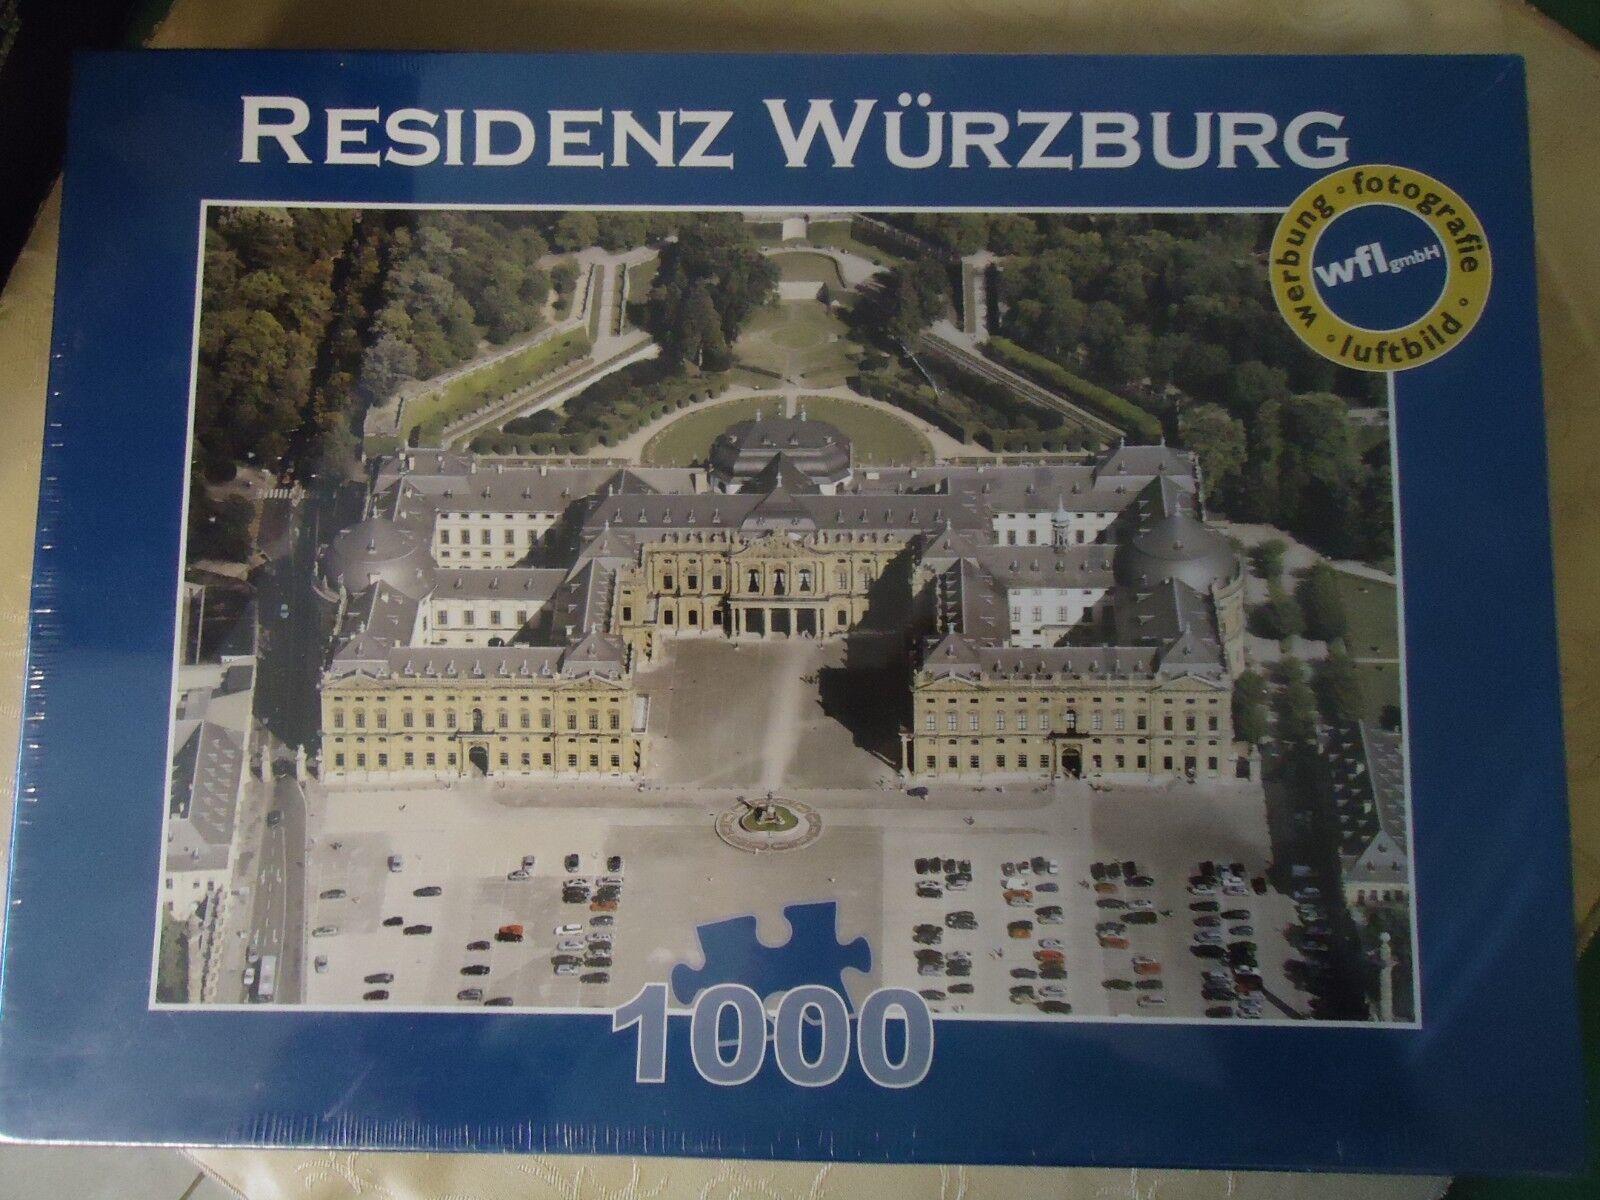 Die deutschen haben 1000 stck puzzle  residenz wrzburg  werbung fotografie